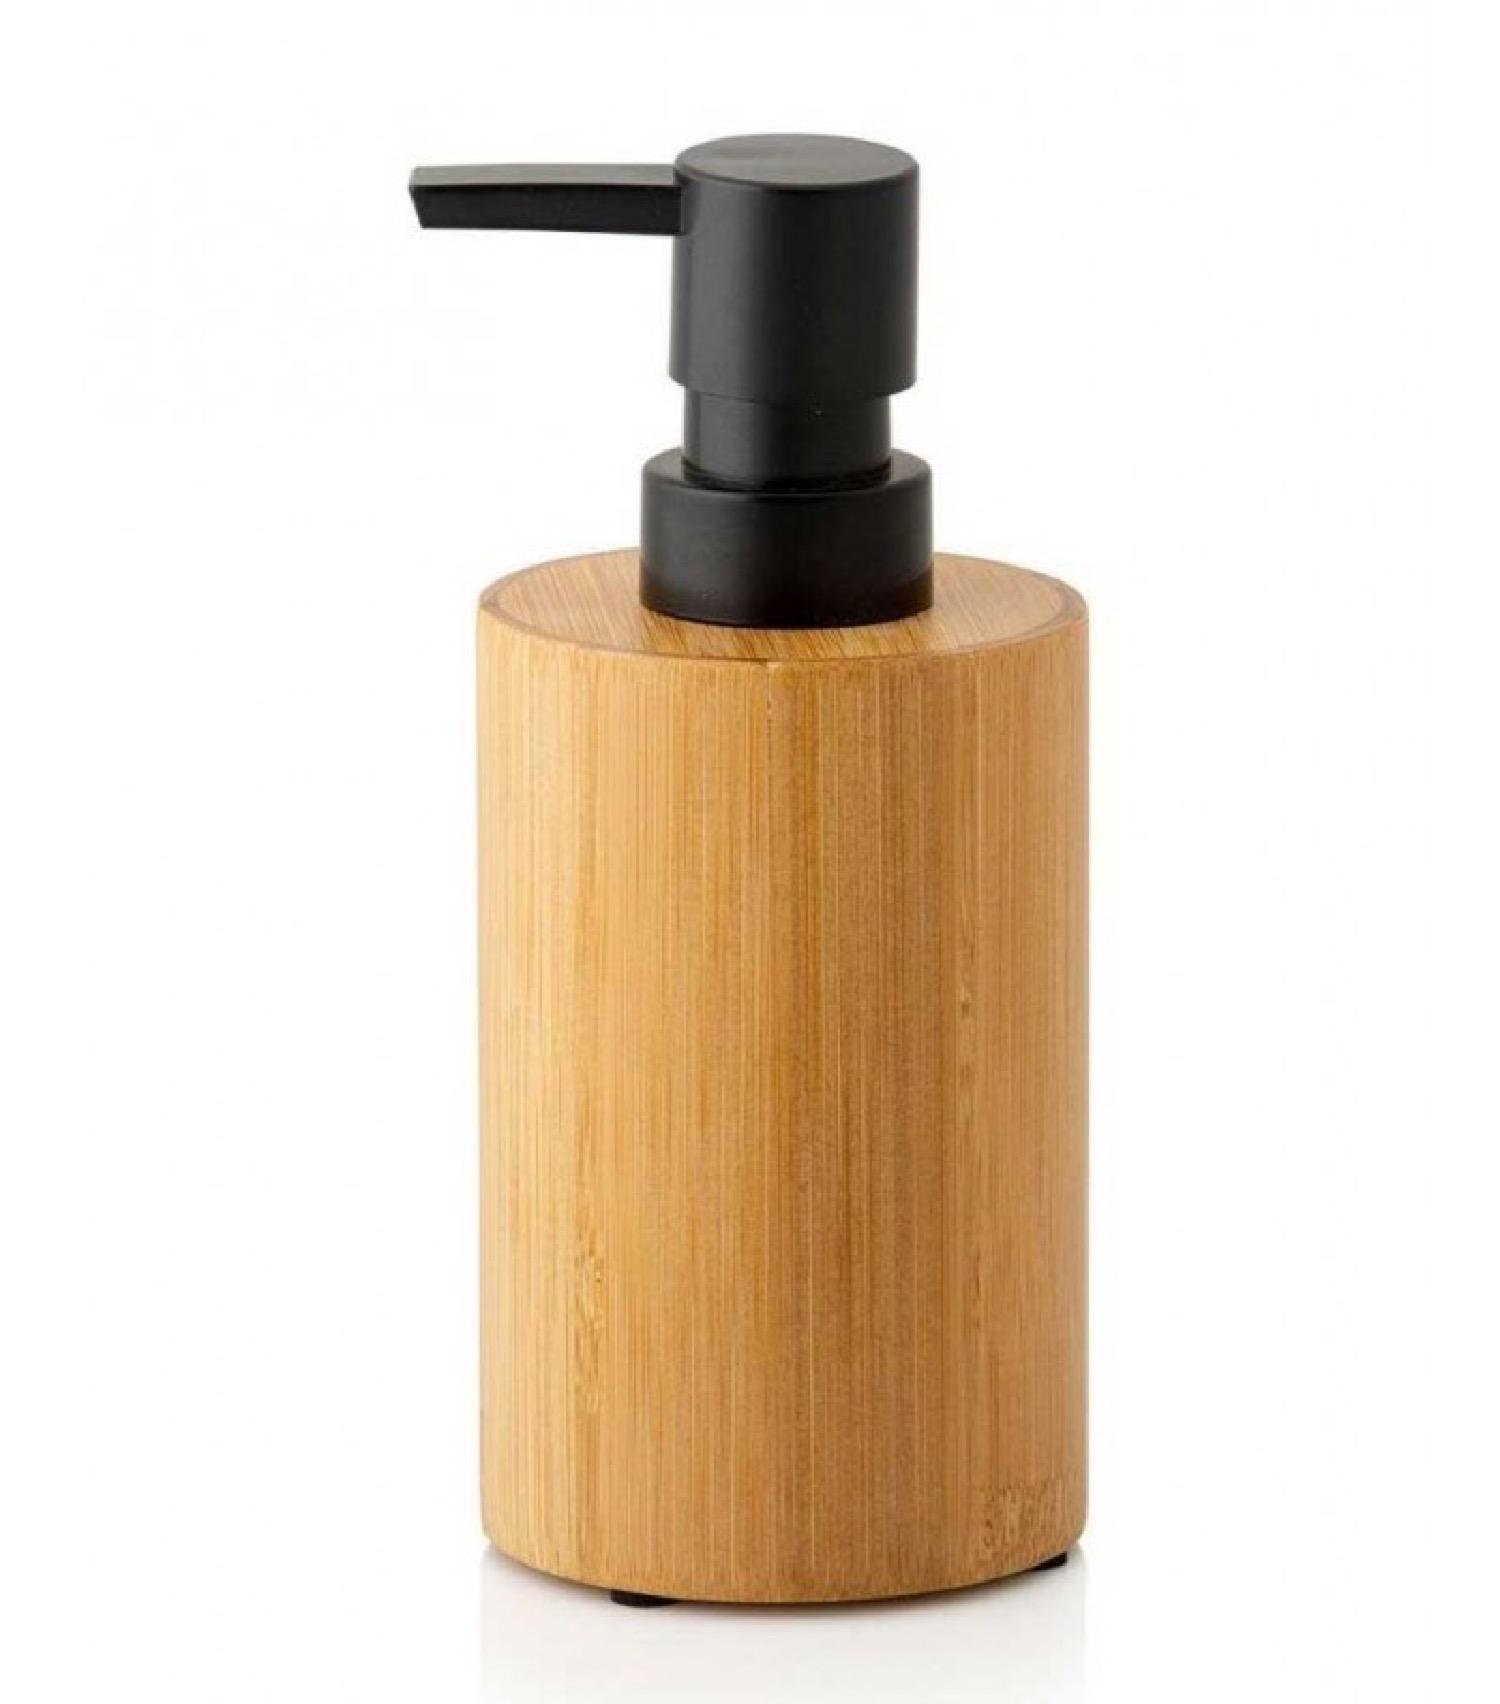 Distributeur de savon en bambou et polyrésine noire